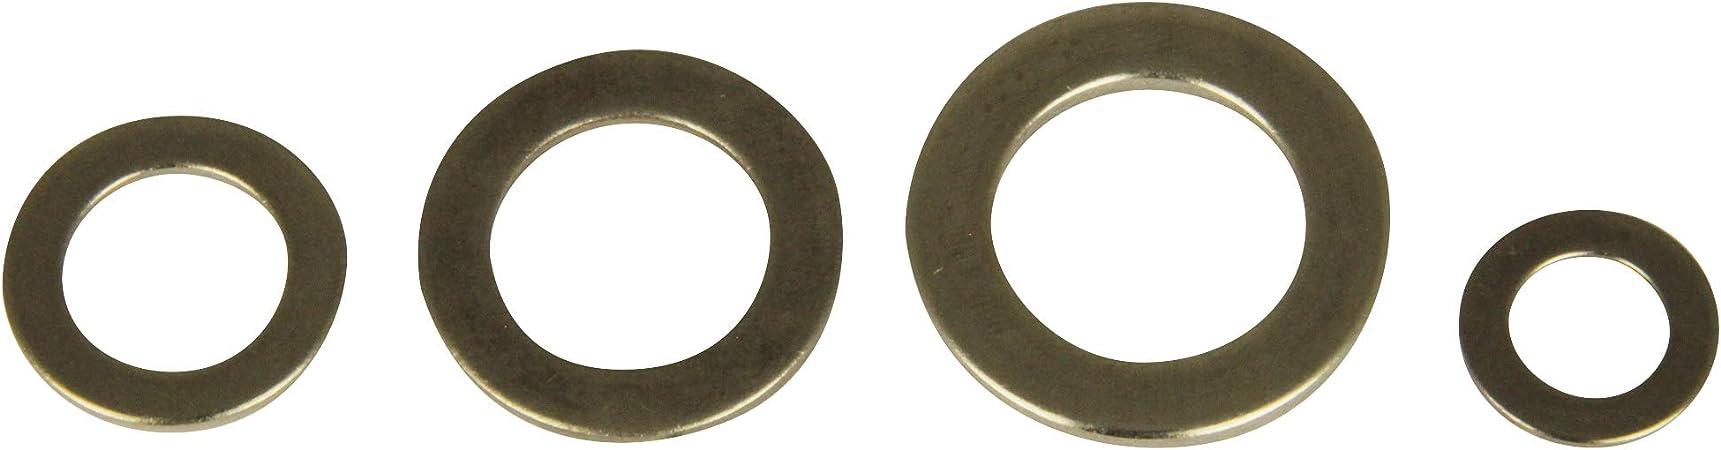 Lot de 10 rondelles en acier inoxydable A2 V2A